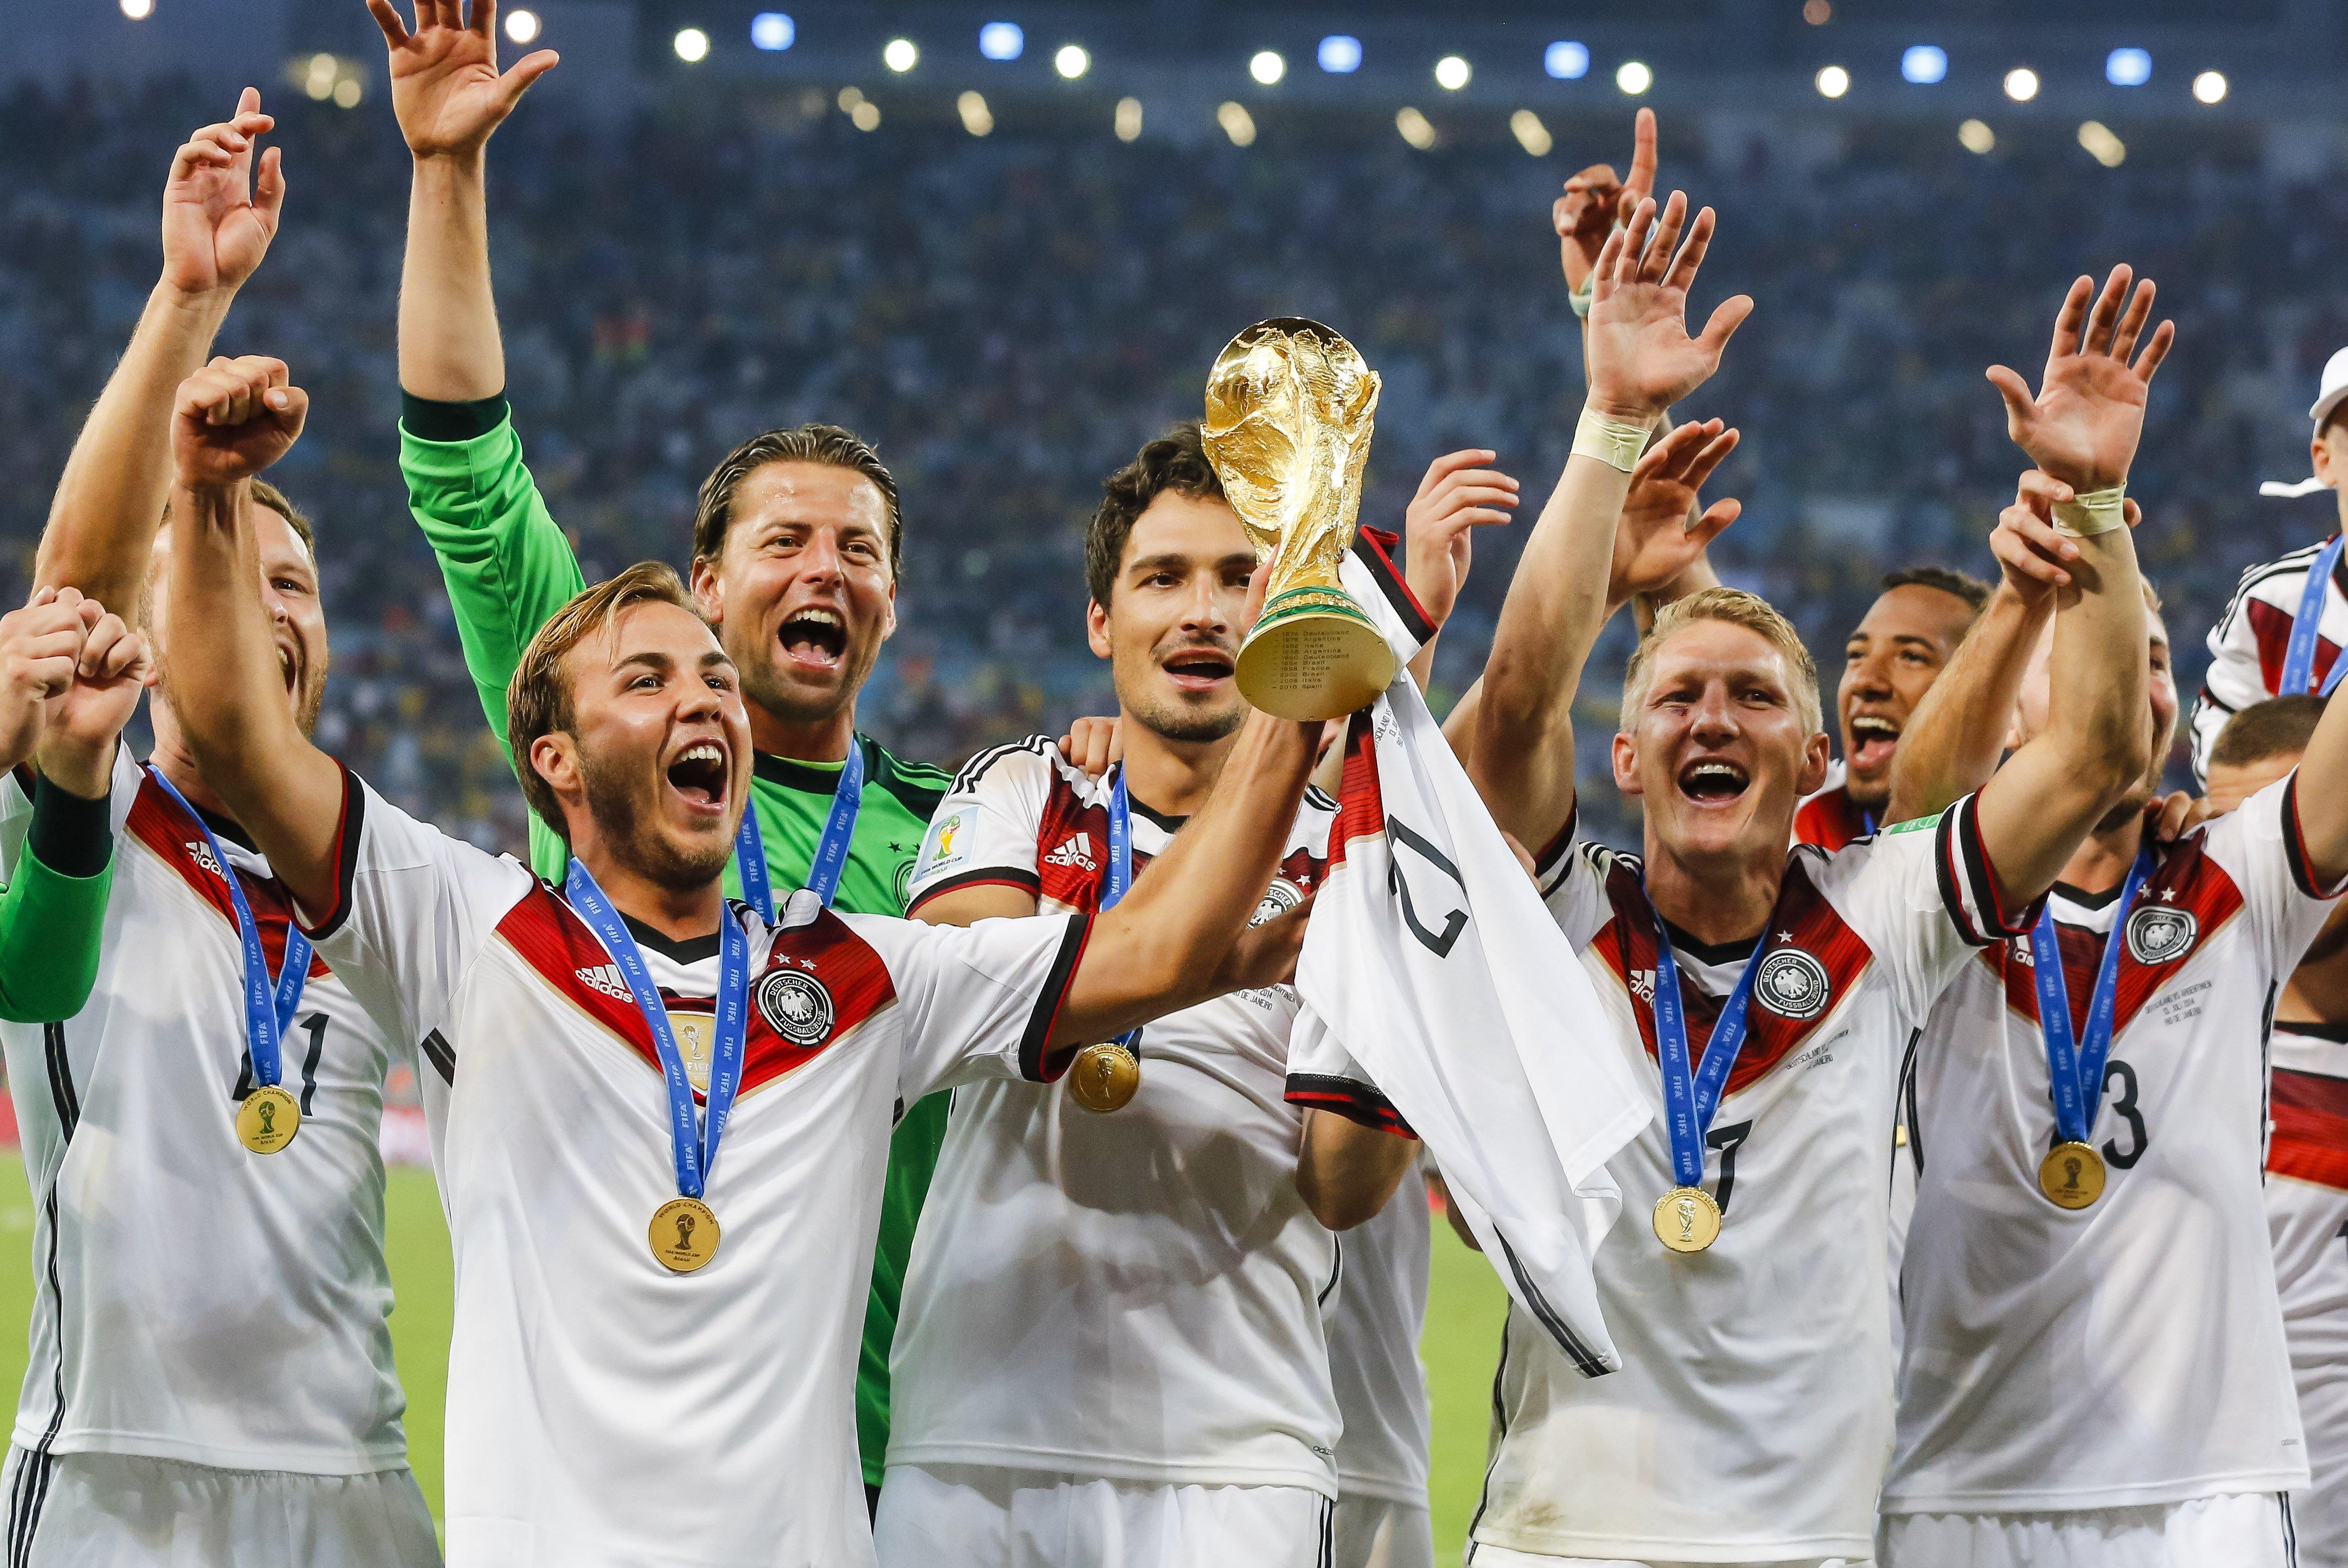 Neuer trains with German team